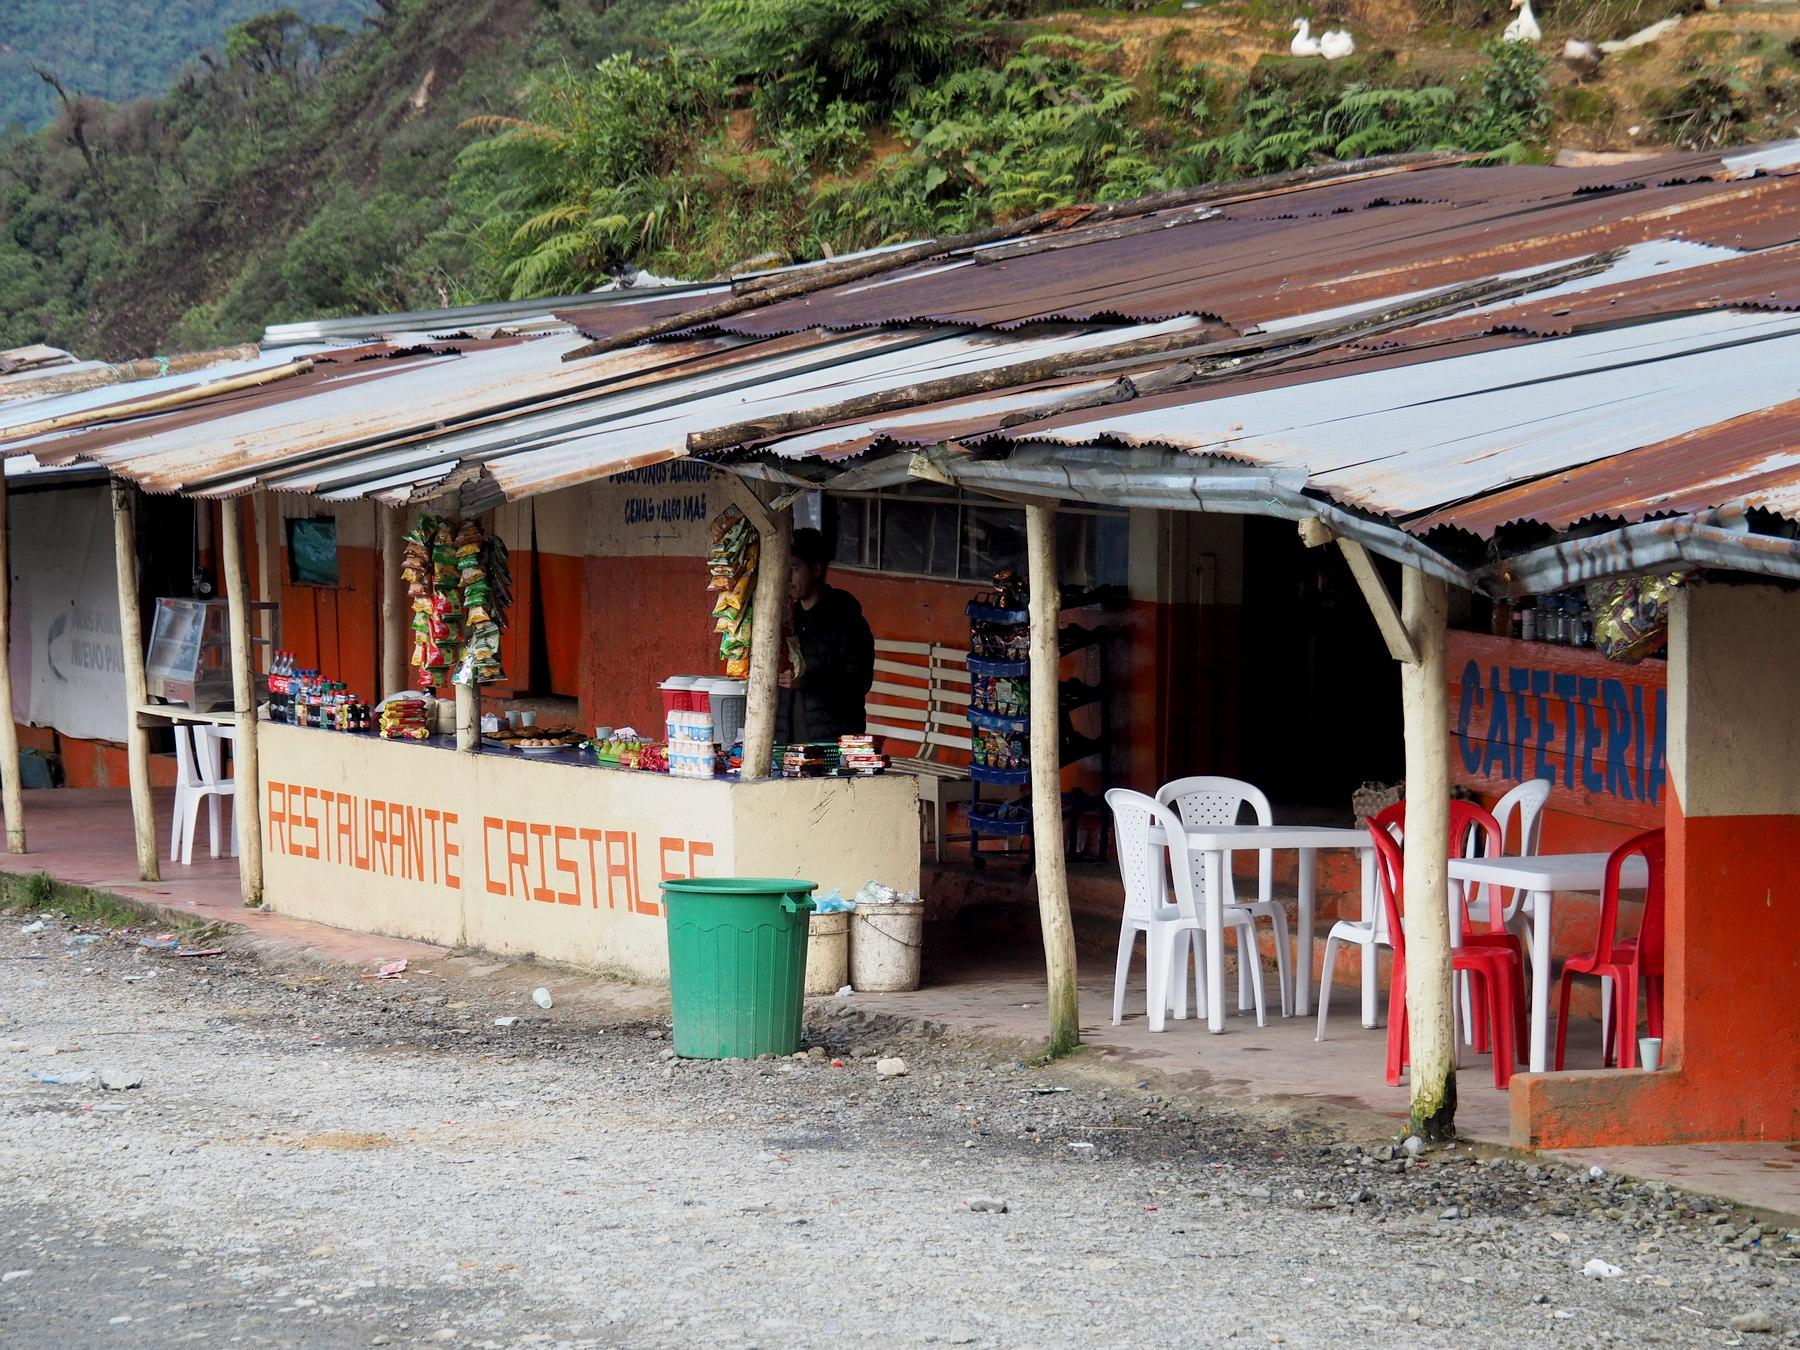 Übernachtungsplatz: kleines Restaurant am Rande des Universums